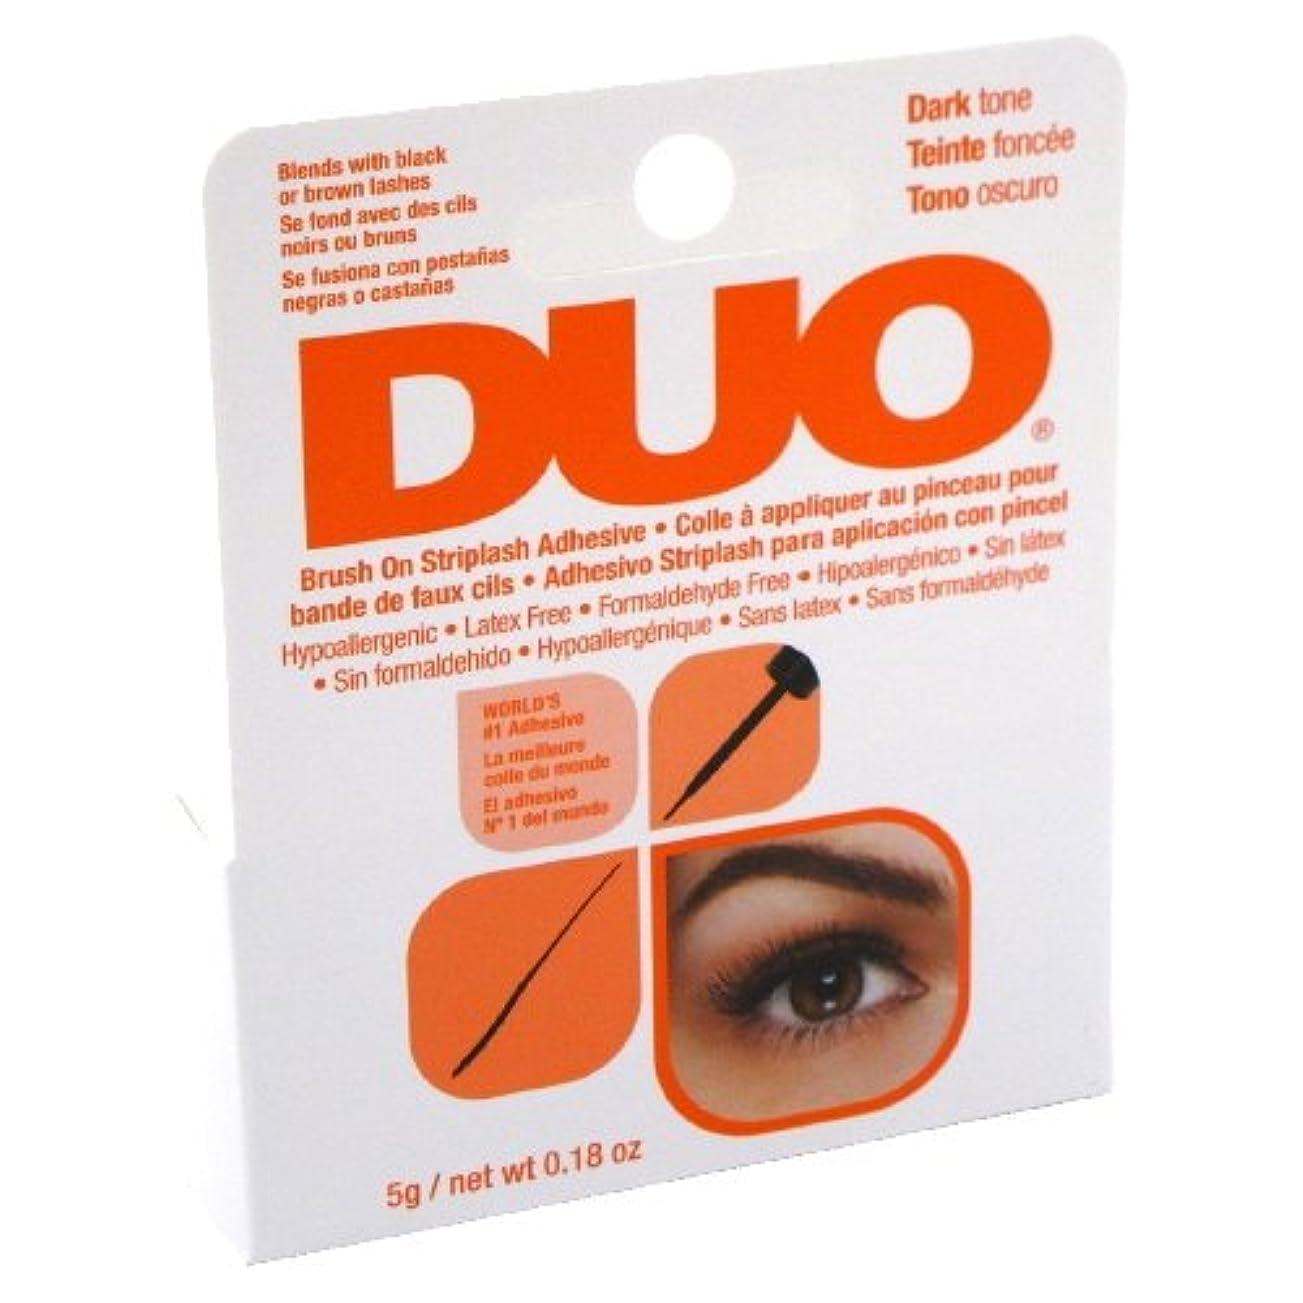 忠誠マスタードエンジン(6 Pack) DUO Brush On Striplash Adhesive - Dark Tone (並行輸入品)